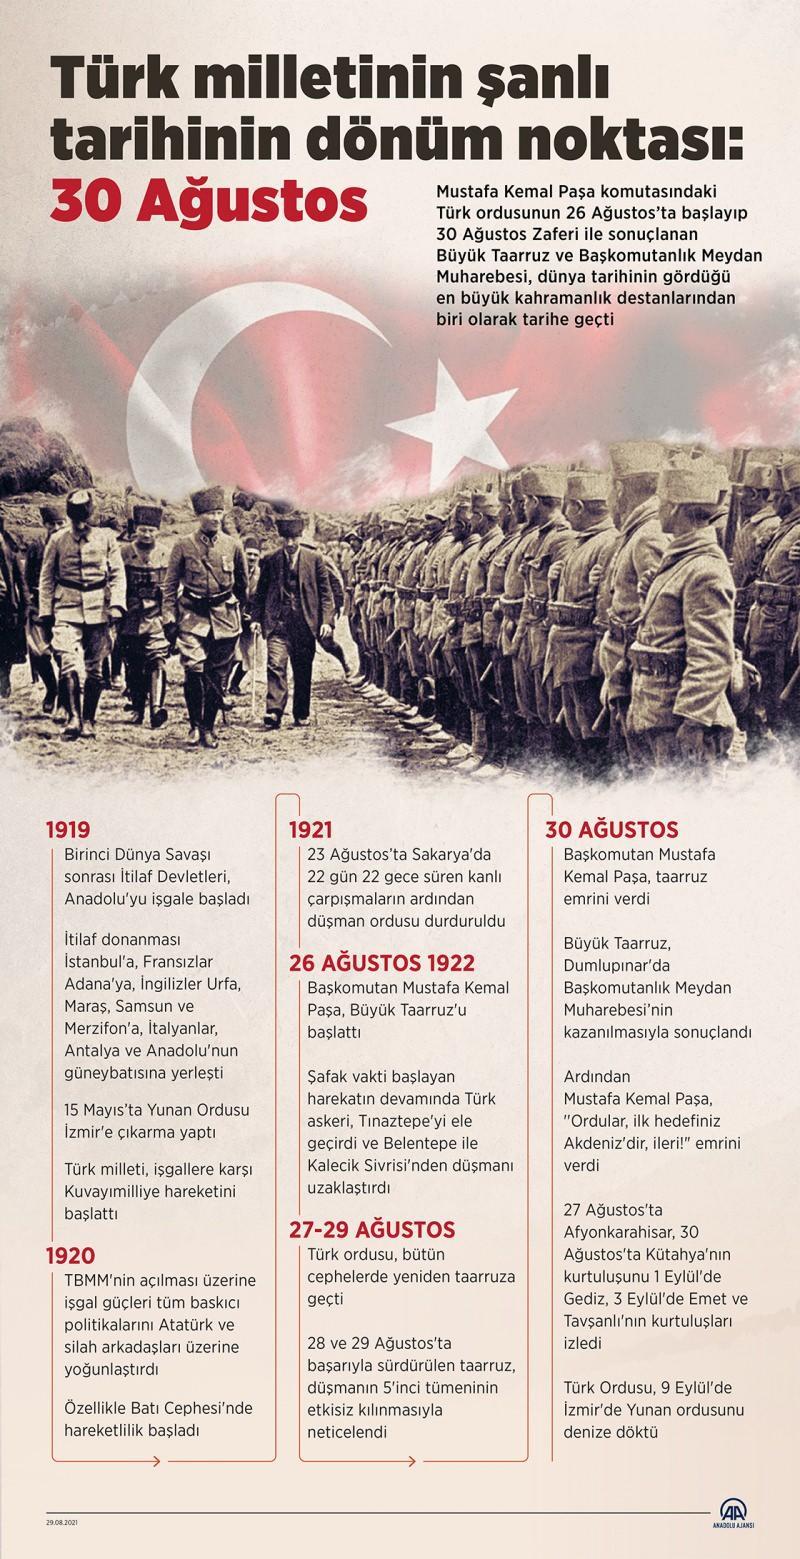 Türk milletinin zafer günü: 30 Ağustos!